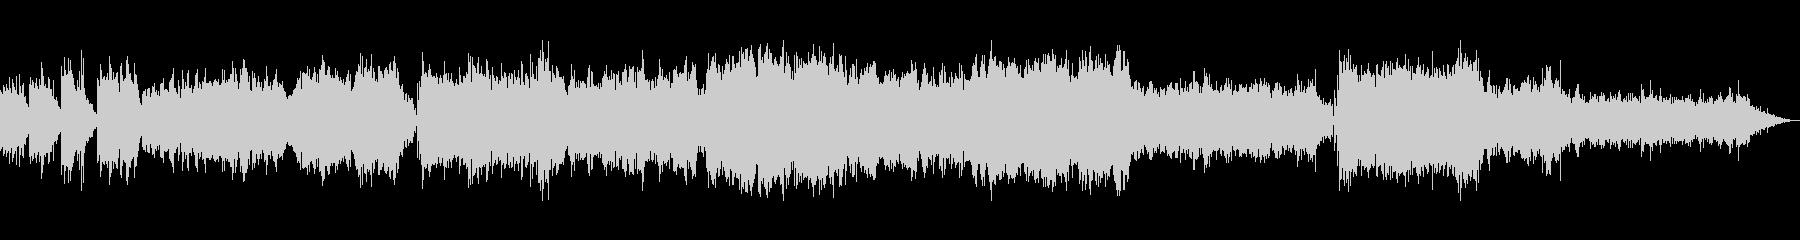 ピアノとストリングス中心のリラックスな曲の未再生の波形